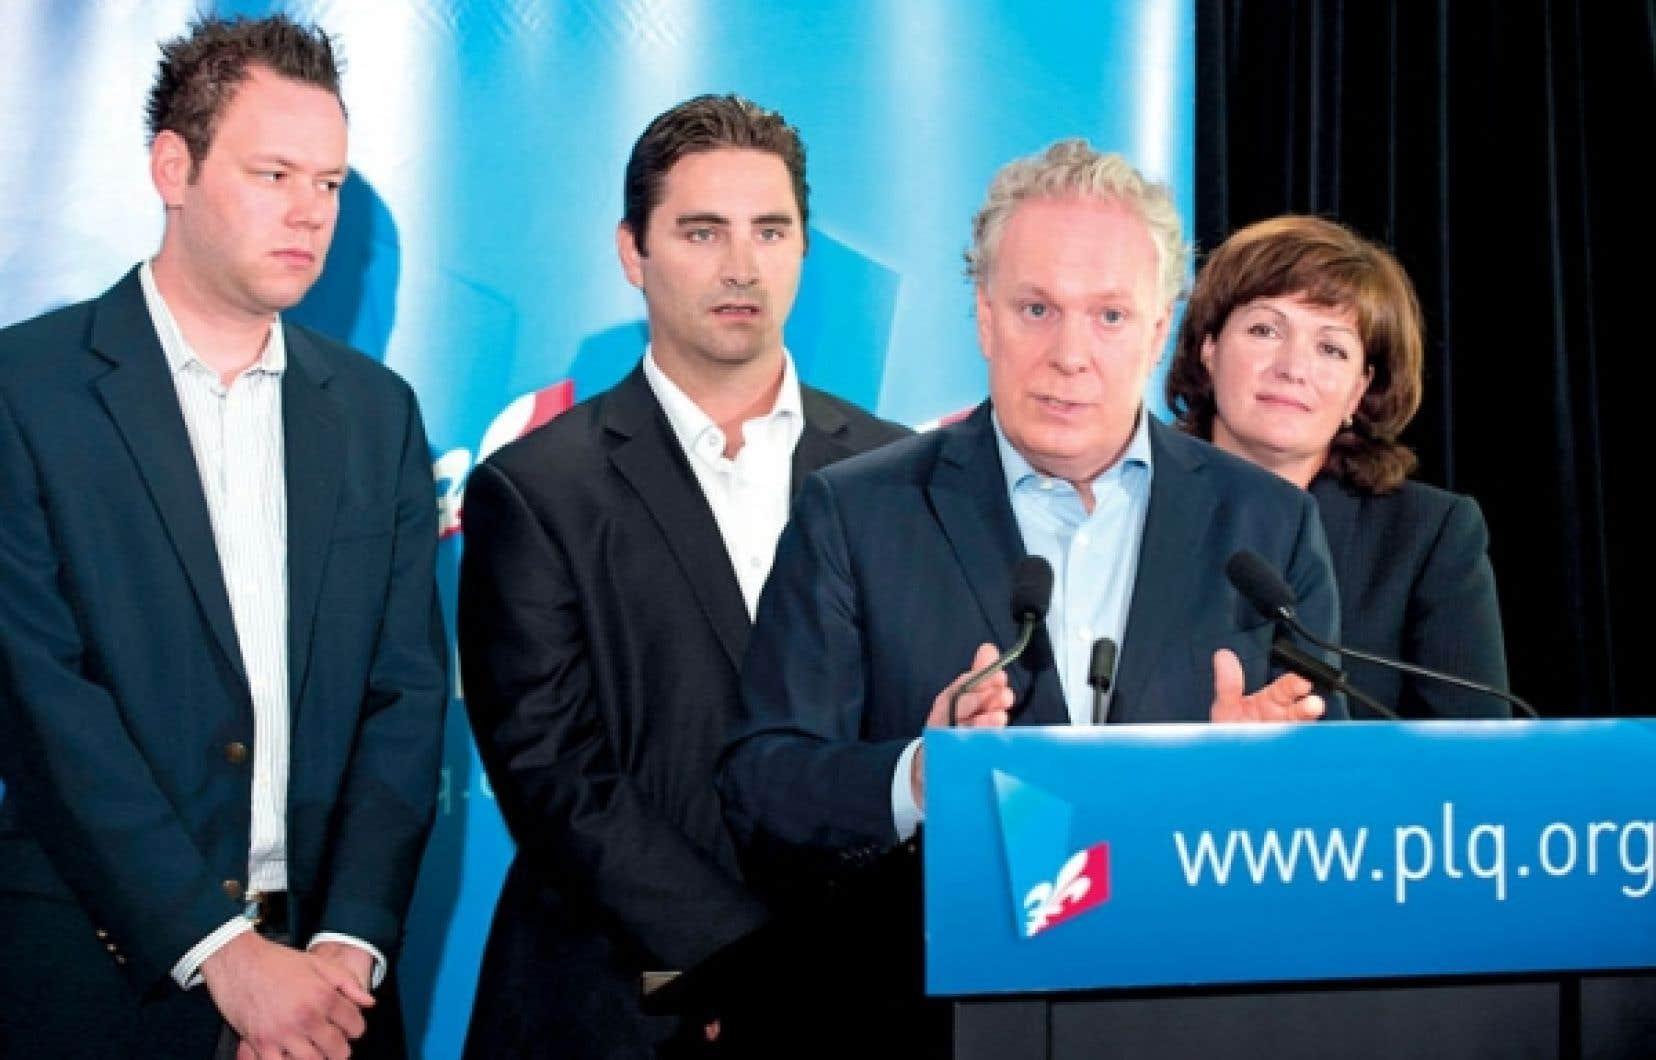 Les nouveaux candidats de Jean Charest, soit Pascal Beaupré, (Joliette), Jean-Francois Gosselin (La Peltrie) et Linda Lapointe (Groulx).